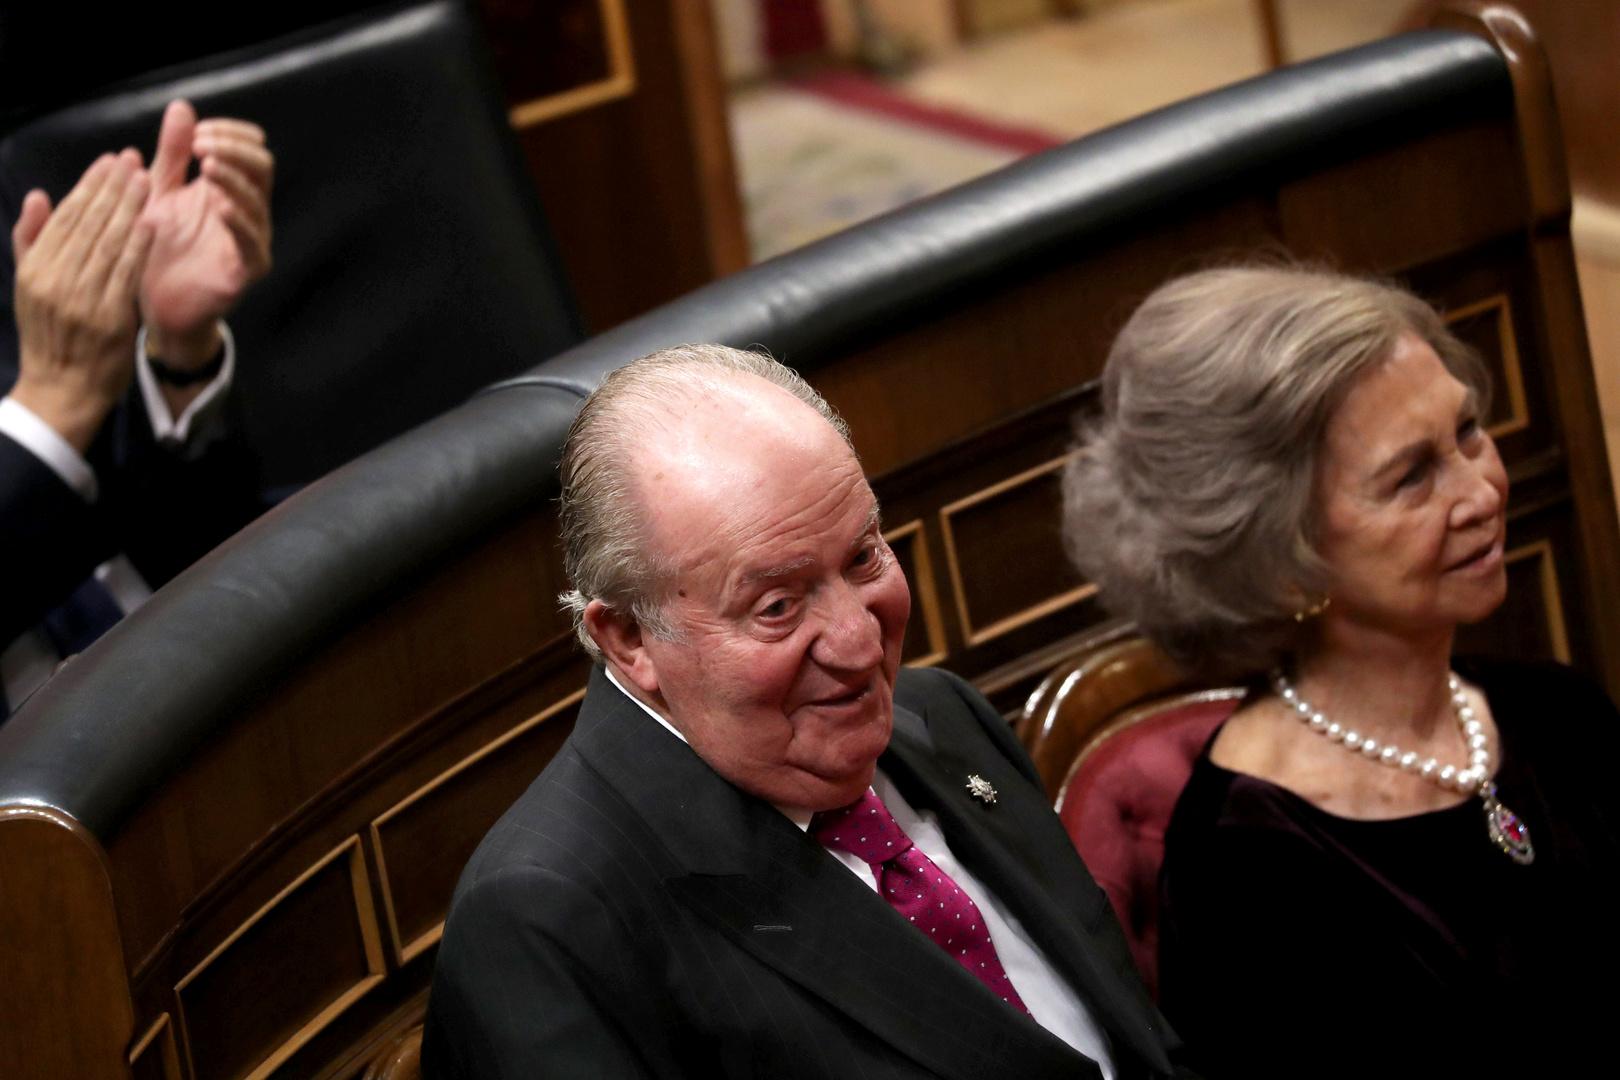 بعد الفضيحة.. ملك إسبانيا السابق يقرر مغادرة البلاد